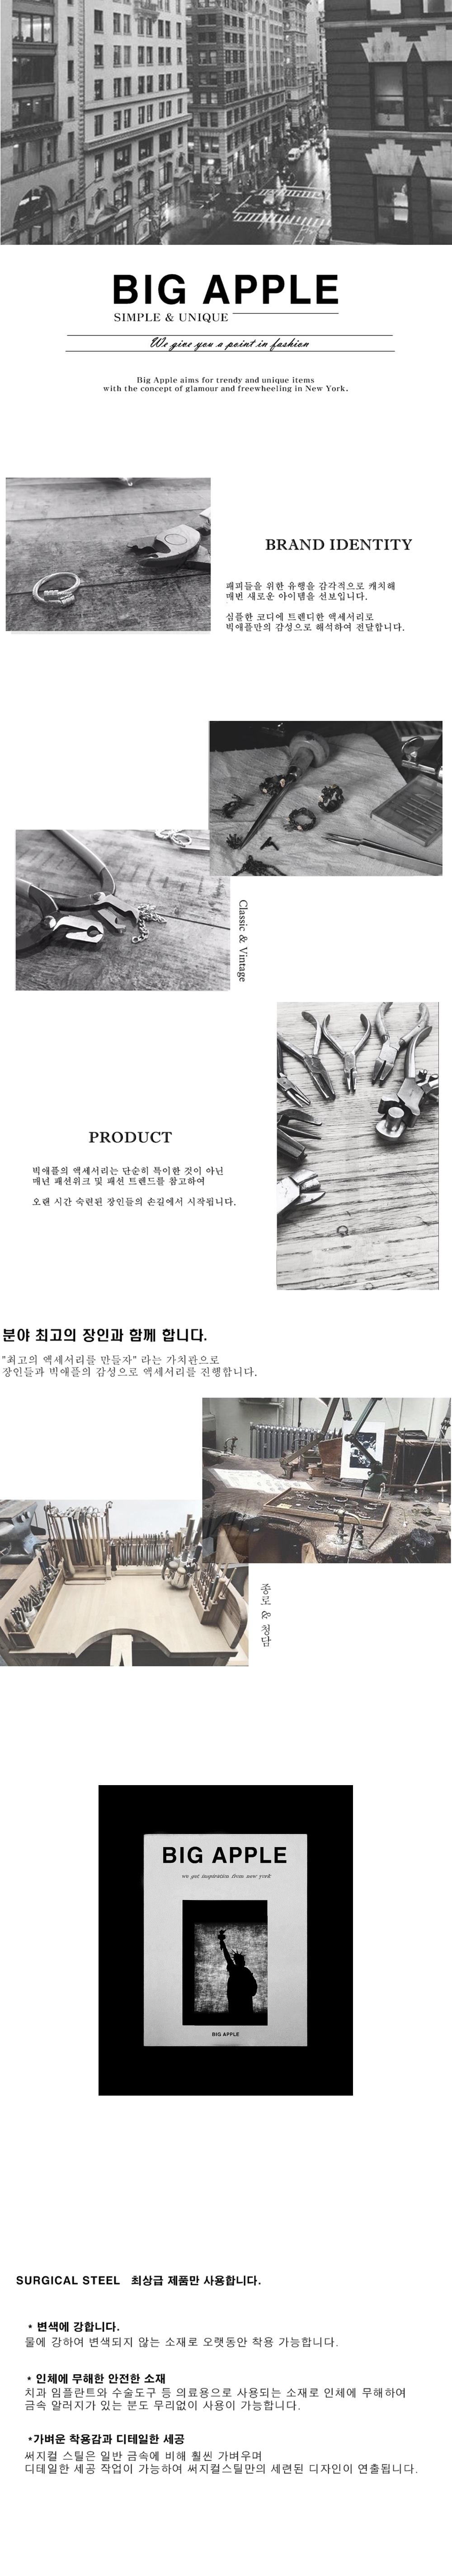 남자 반지 패션 레이어드 써지컬스틸 링 candy ring - 빅애플, 20,060원, 남성주얼리, 반지